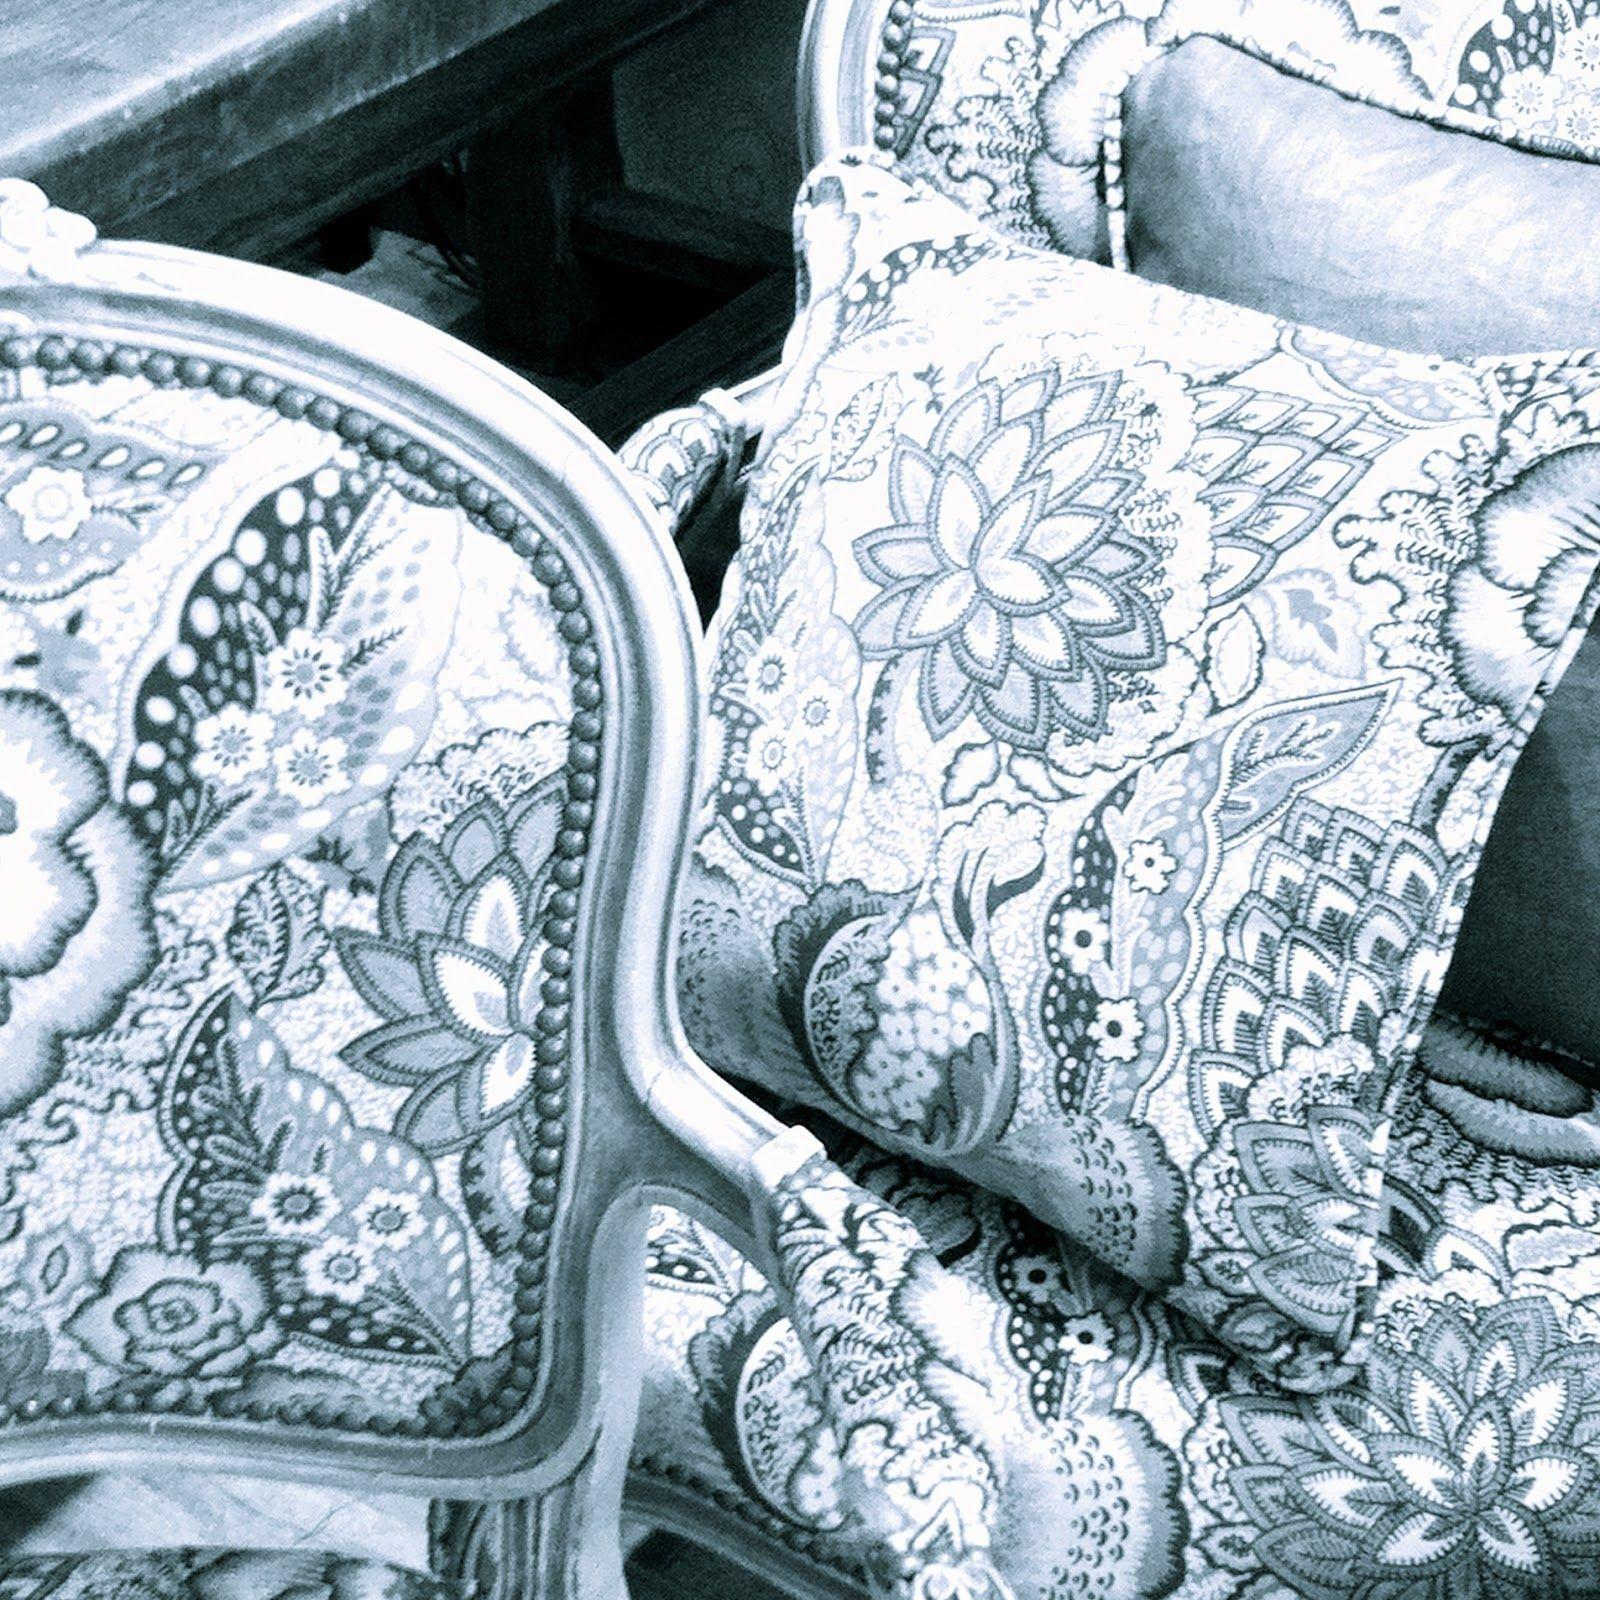 decorateur lyon atelier anne lavit artisan tapissier. Black Bedroom Furniture Sets. Home Design Ideas